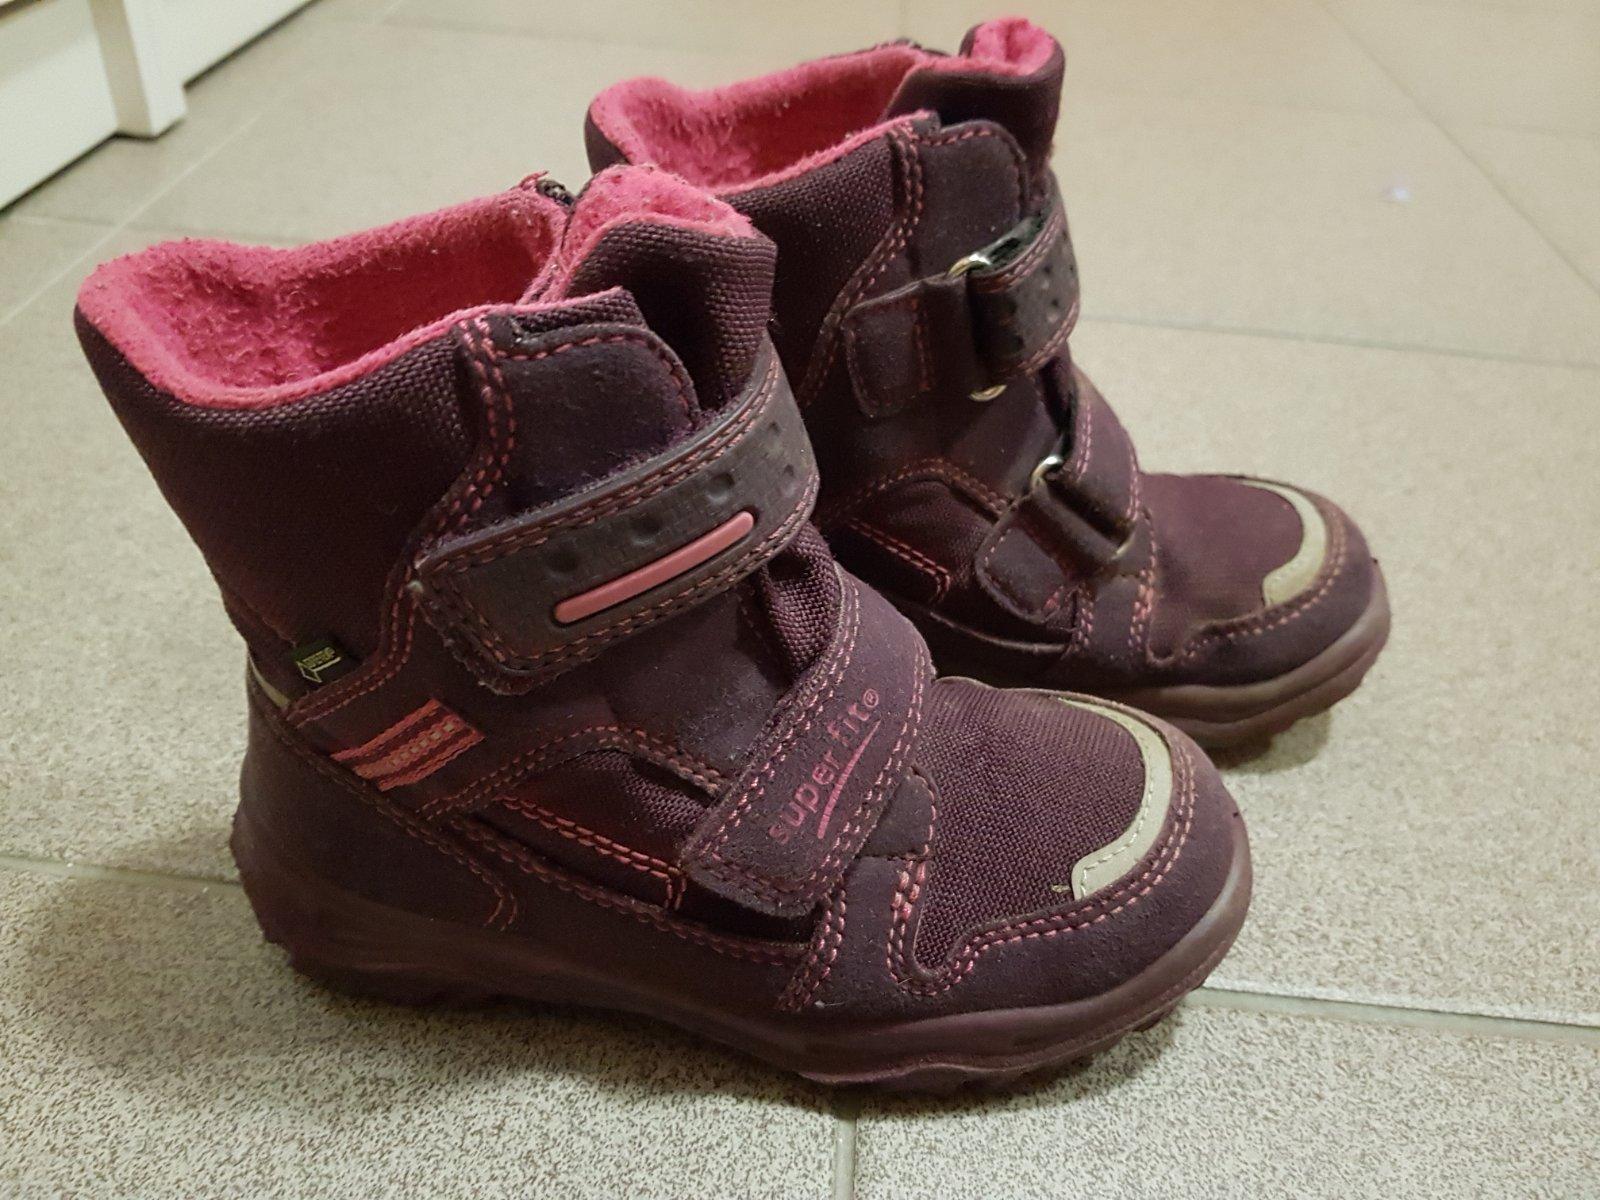 Dívčí zimní boty superfit vel. 27 34f66f3964